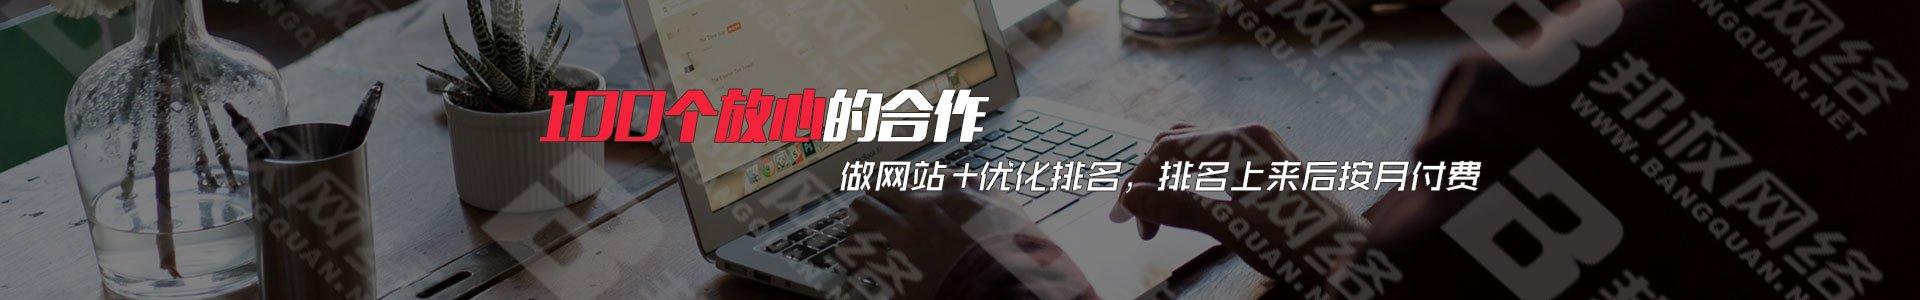 邦权科技官网